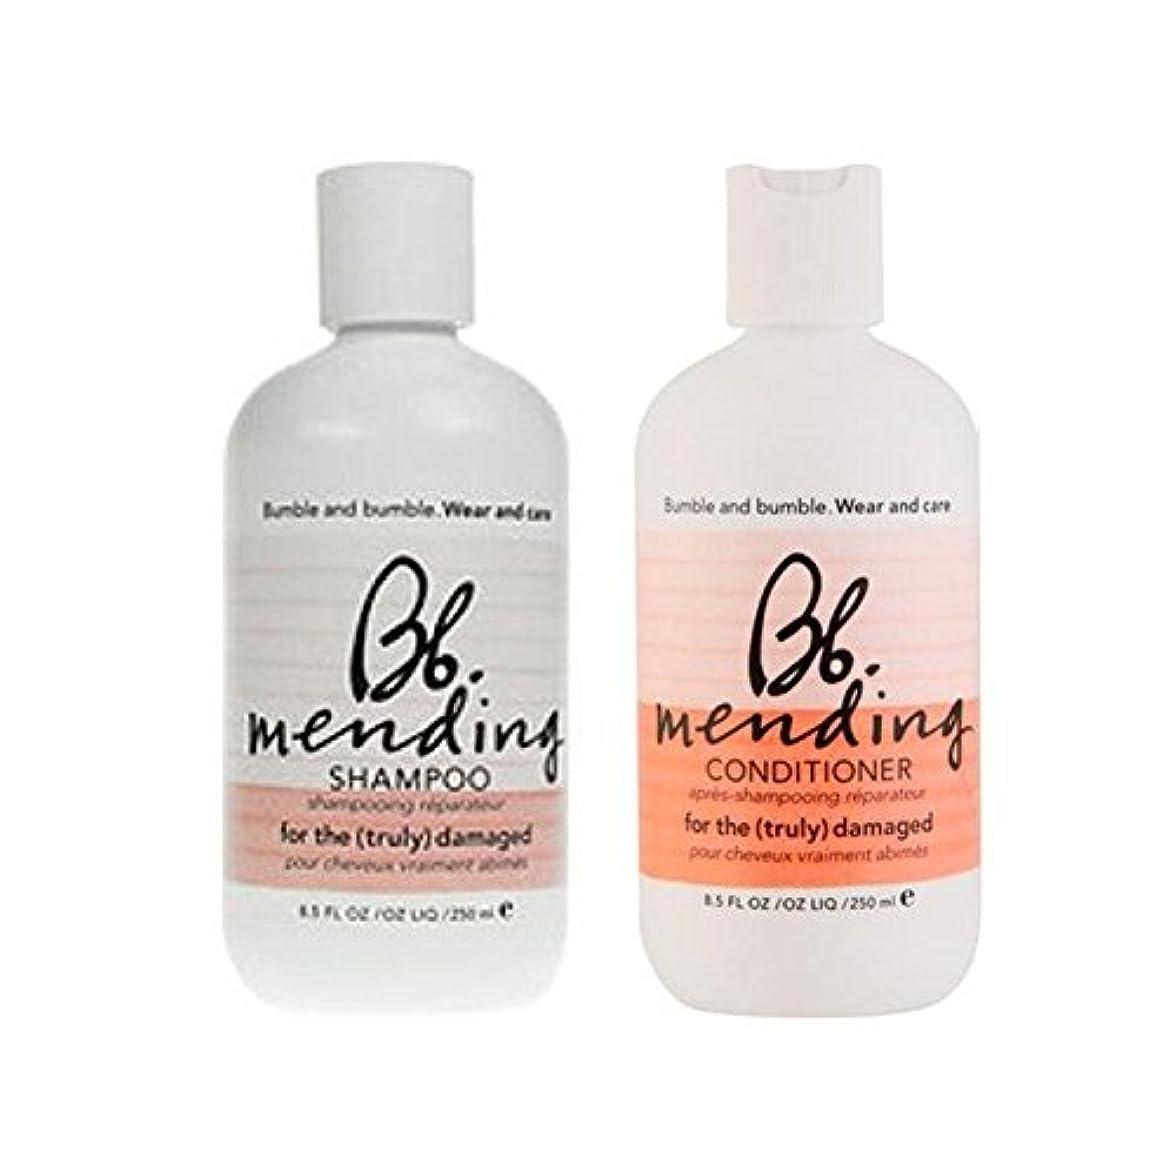 着用し、-シャンプーとコンディショナーを補修ケア x4 - Bb Wear And Care Mending Duo- Shampoo And Conditioner (Pack of 4) [並行輸入品]